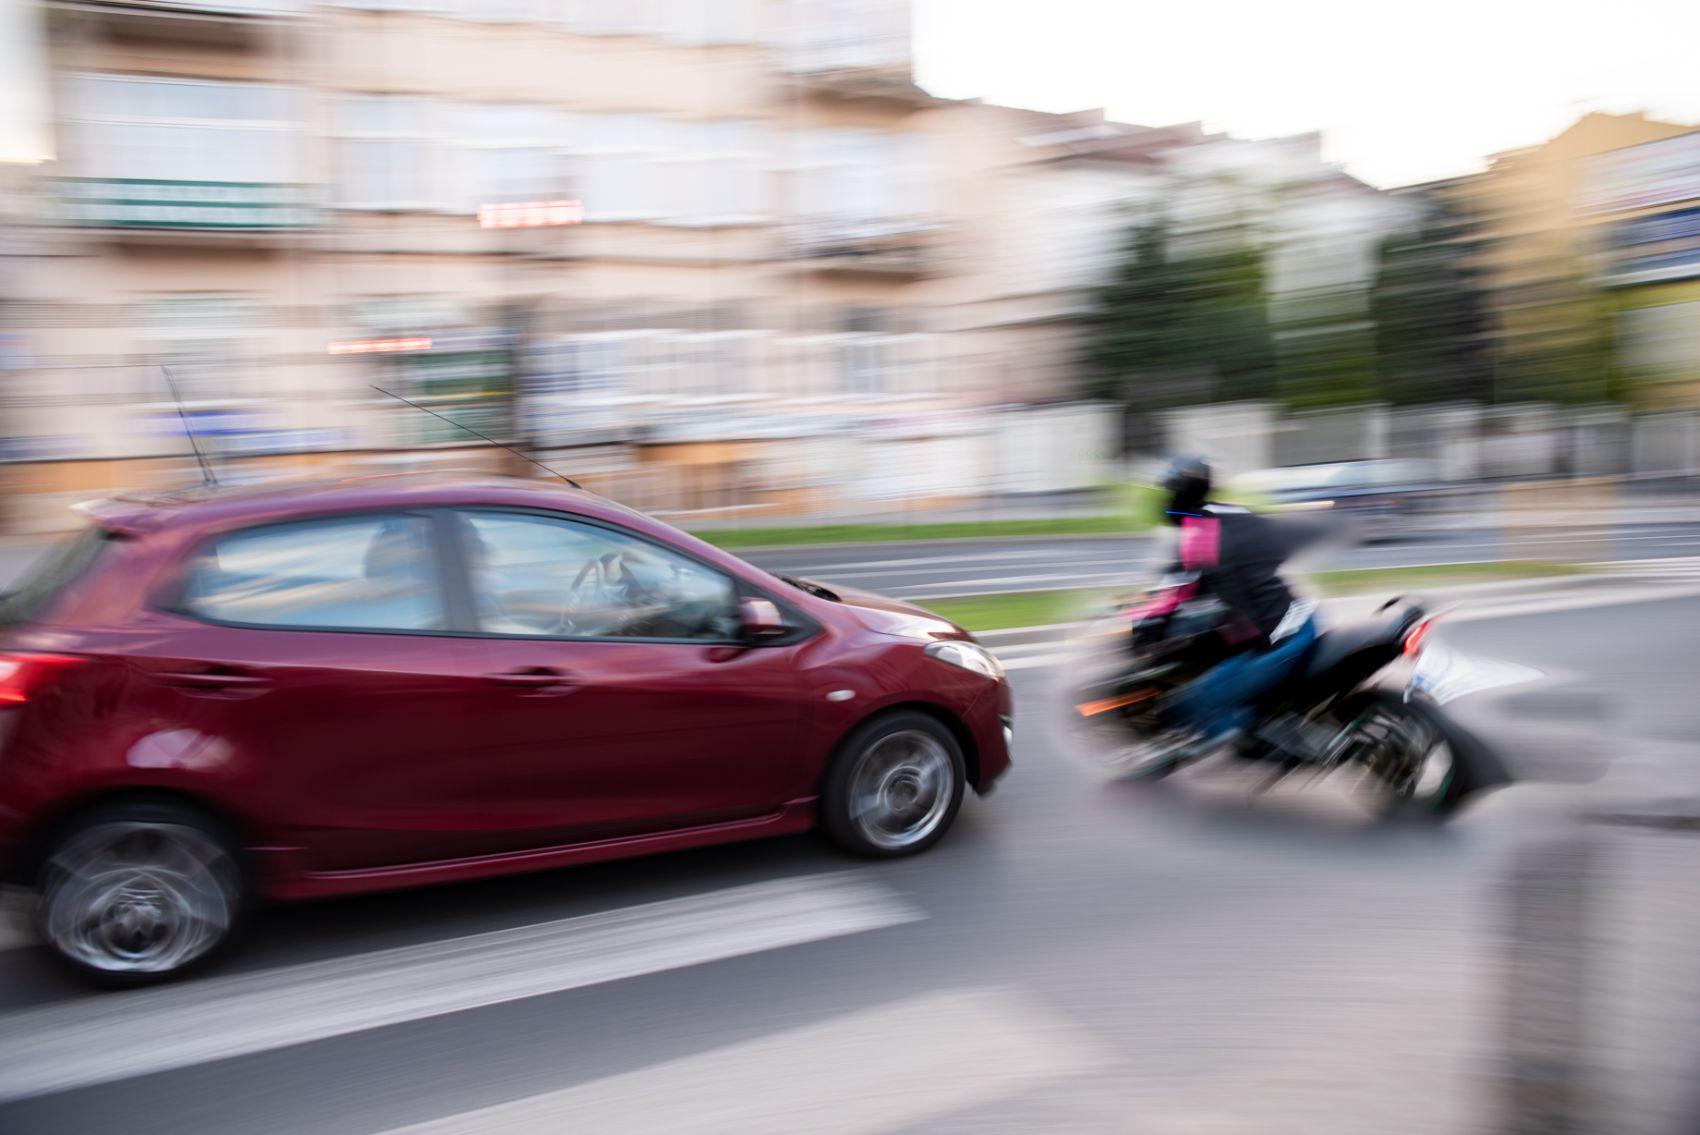 Bijna aanrijding motor en auto